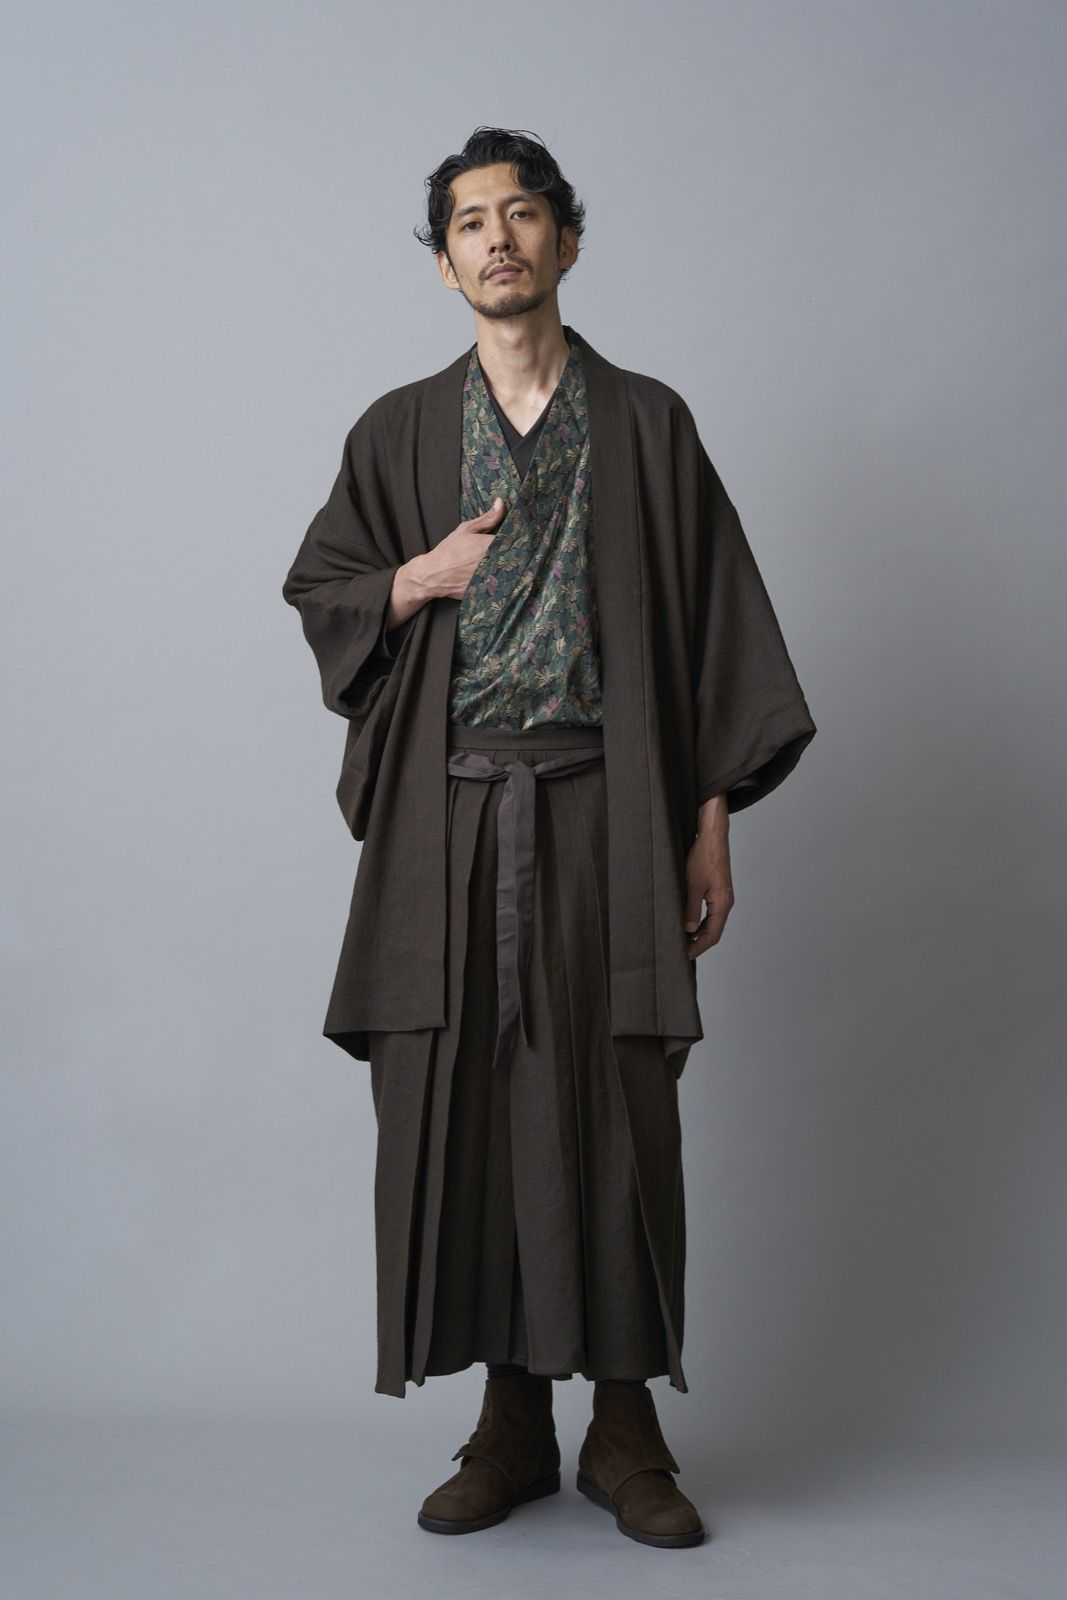 新スタイルな袴、羽織、どてら…。和と洋が融合した「和ROBE」冬アイテムがカッコ良すぎだぞ!!   ファッション 着物・和服 - Japaaan #着物